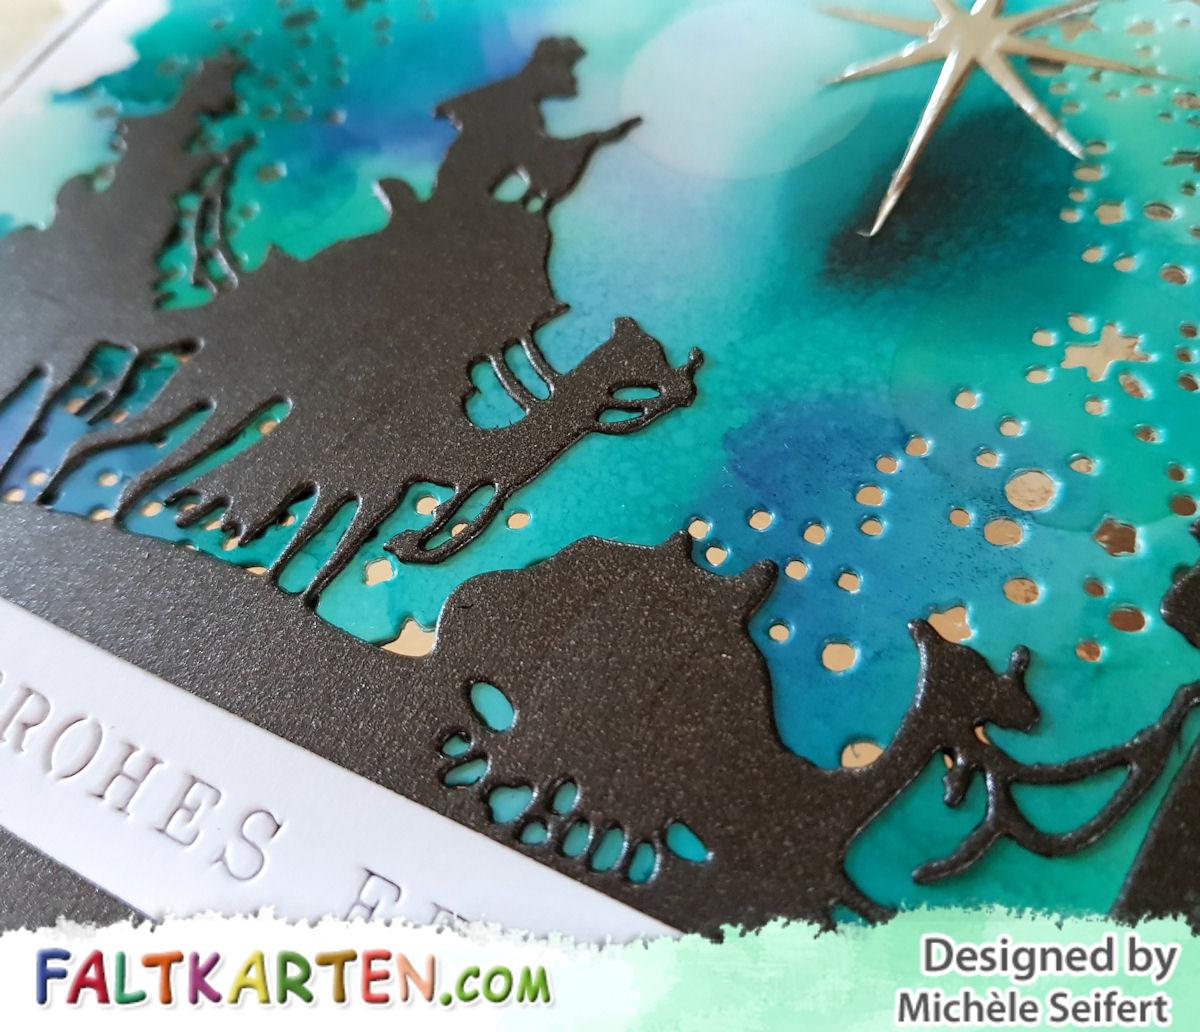 Sizzix - Tim Holtz - Wise Men - 3 Könige - Snowy Stars - Schneesterne - Alcohol Inks - Faltkarten.com - Keramikpapier - Weihnachtskarte